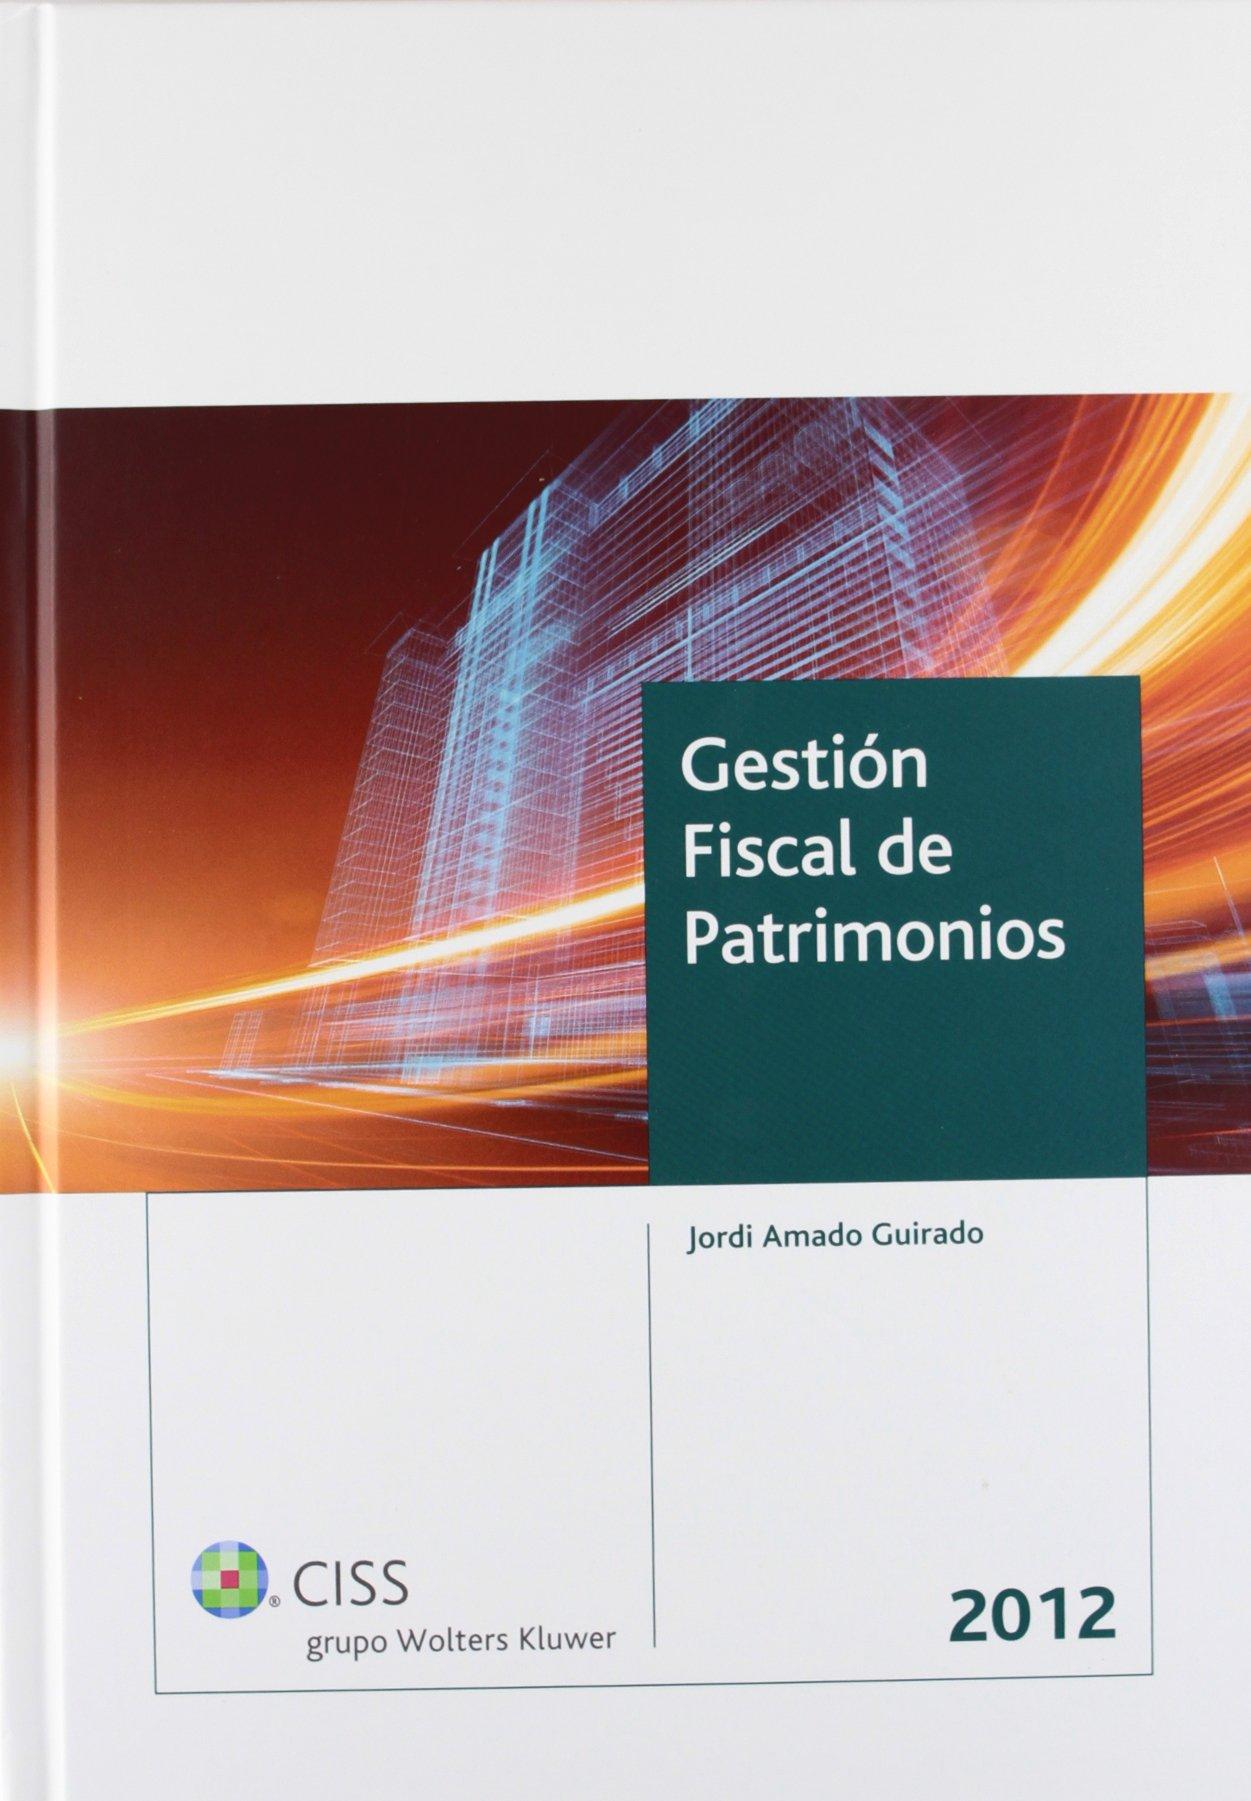 Gestión fiscal de patrimonios 2012: Amazon.es: Jordi Amado Guirado: Libros